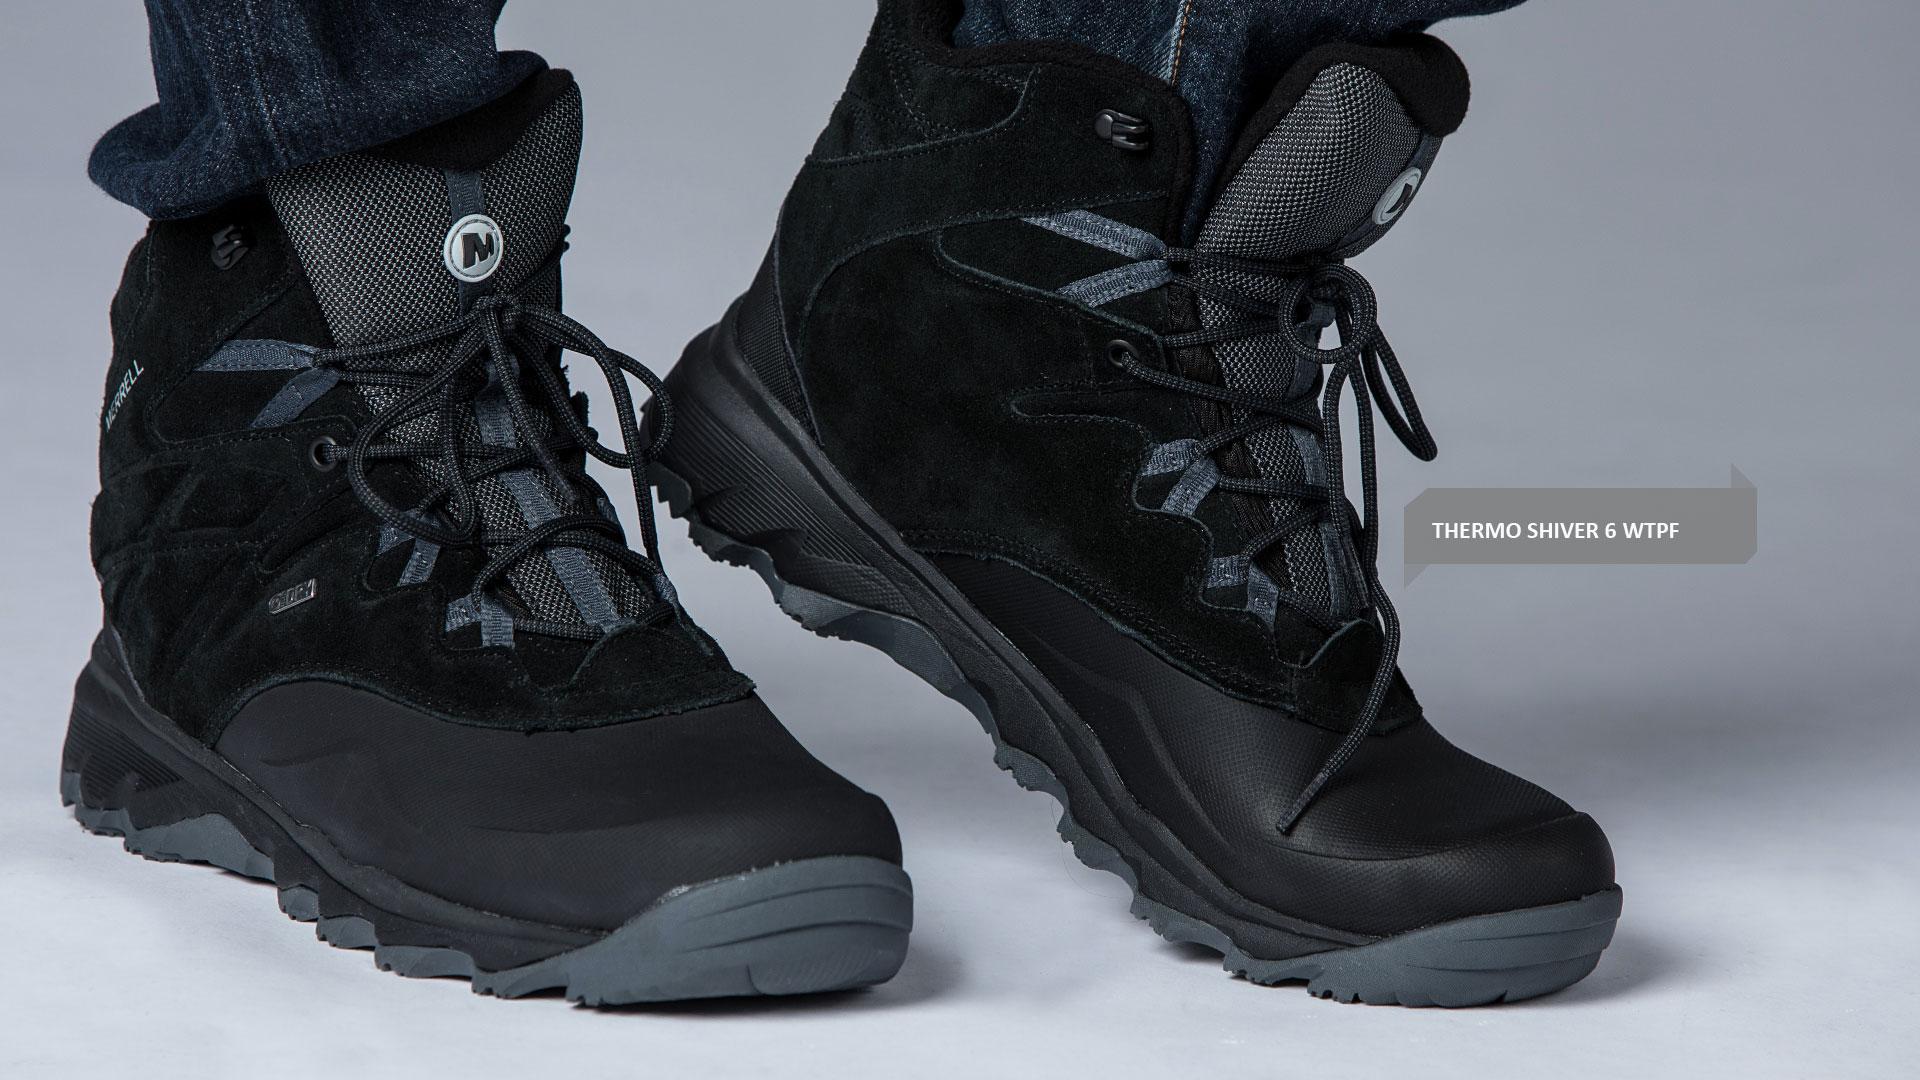 Head. Merrell THERMO SHIVER 6 WTPF - Pánské zimní outdoorové boty ef534e59d0f